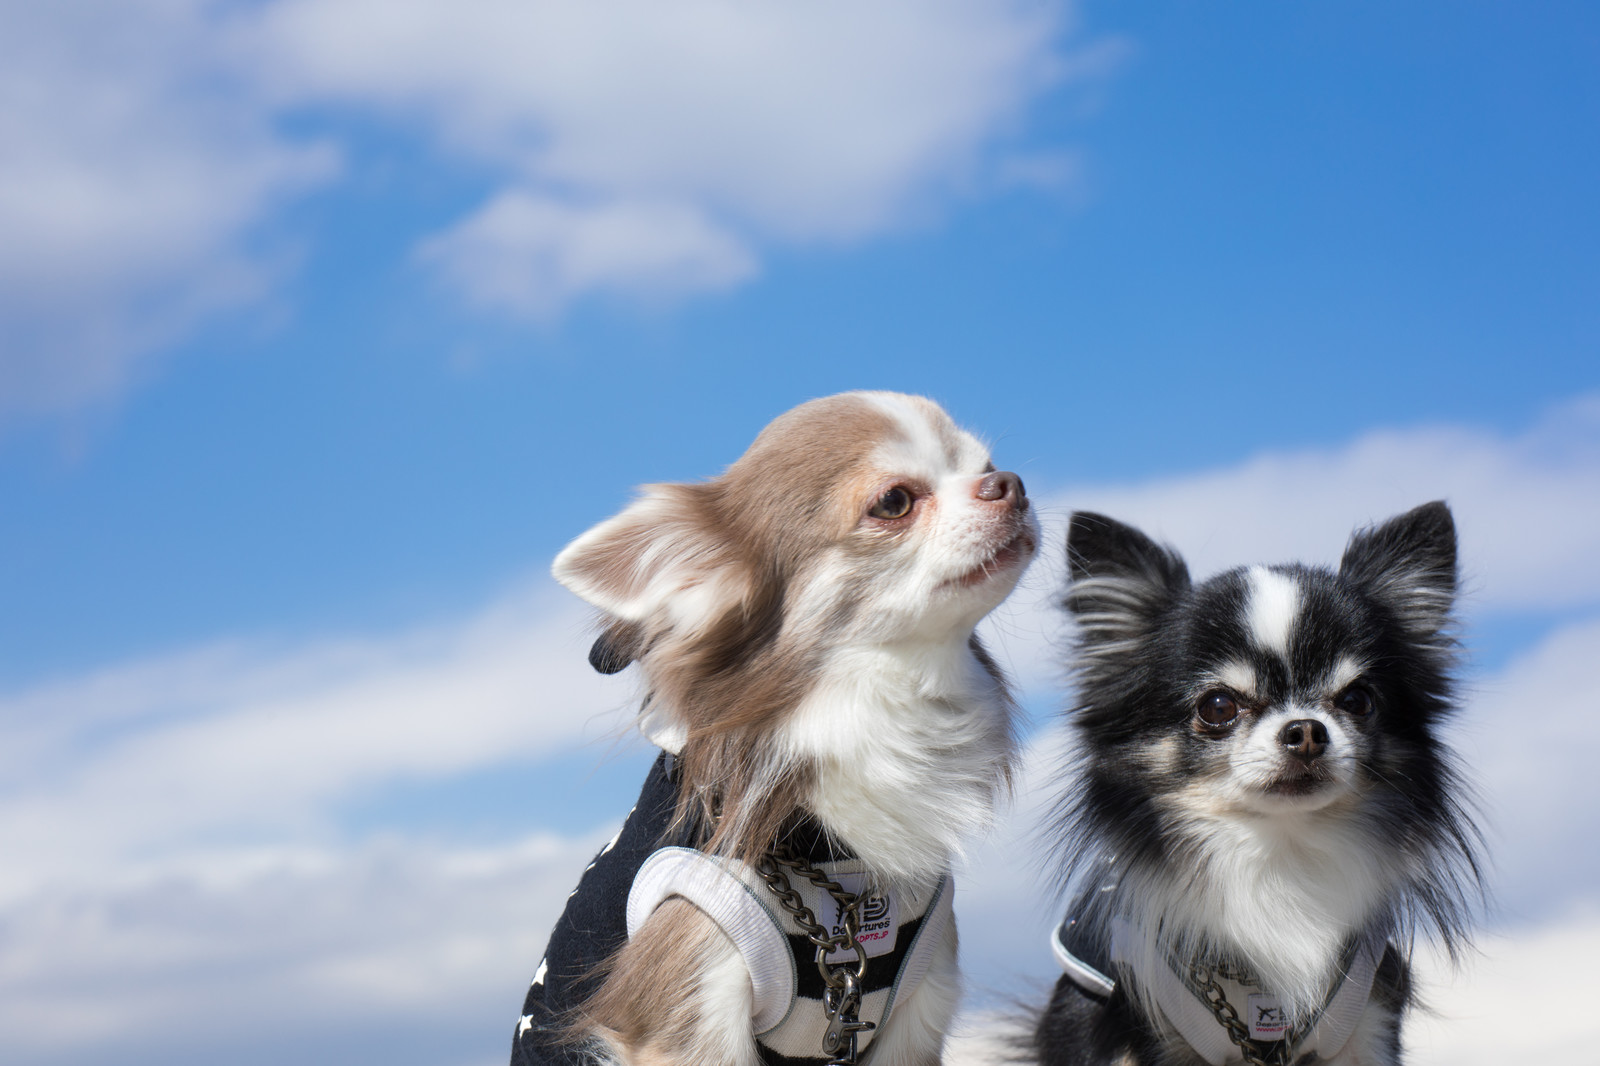 「外へ散歩に出かけても、躾がしっかりしているチワワ(2匹)」の写真